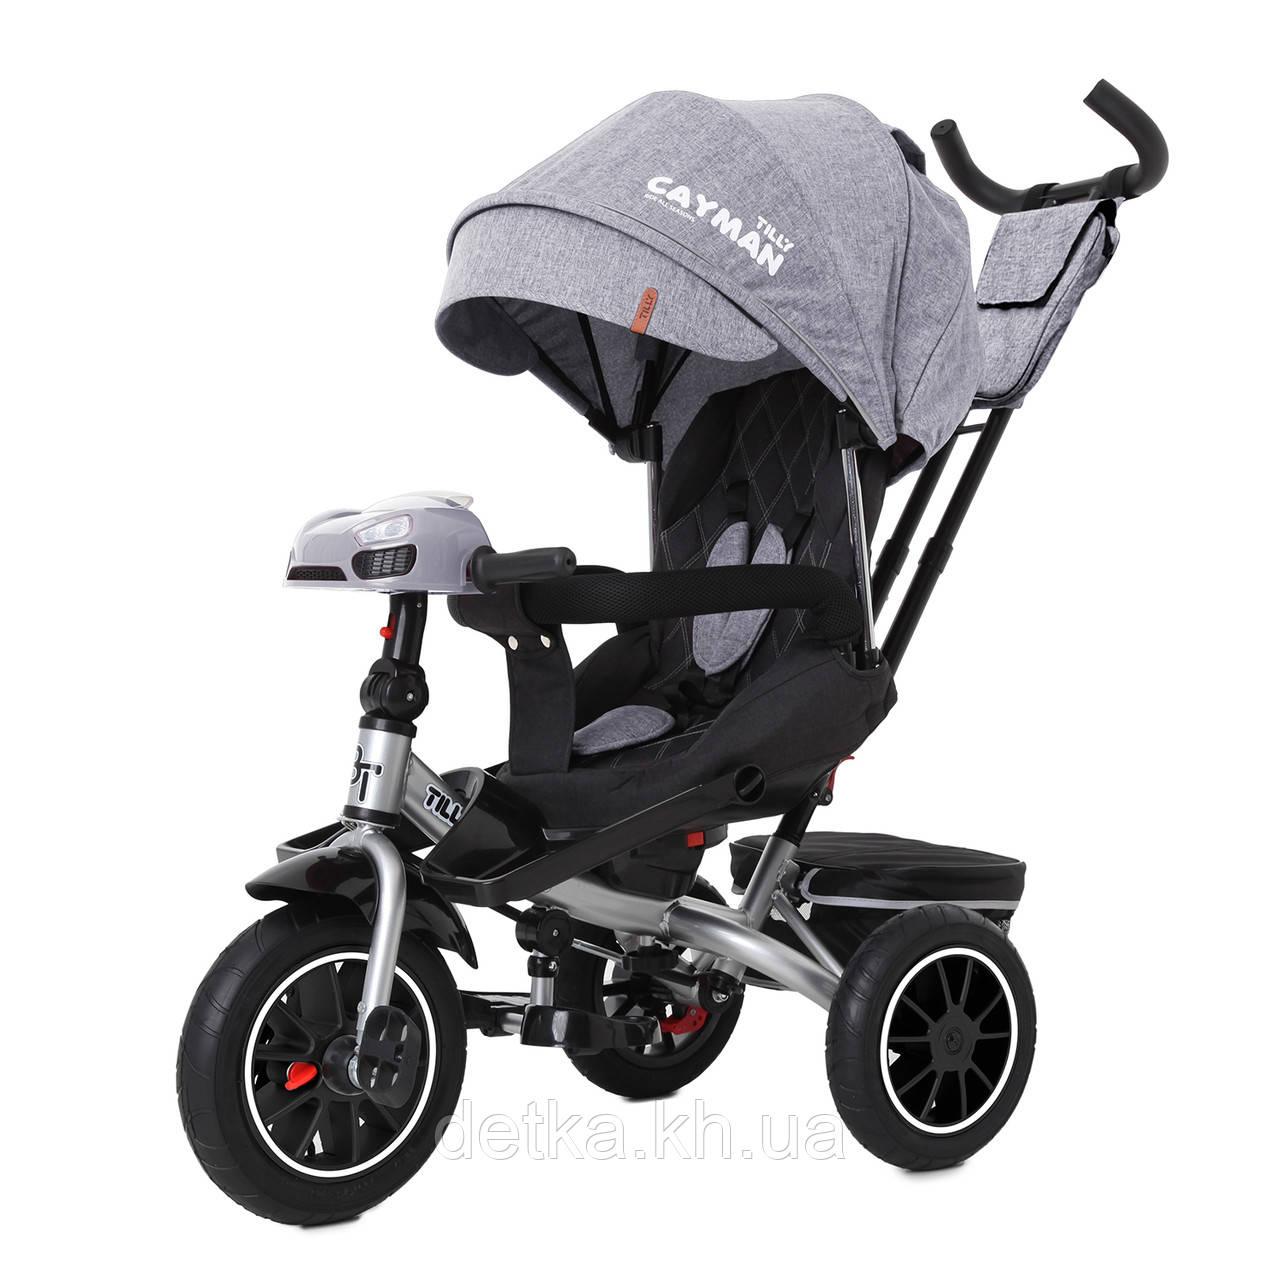 Велосипед трехколесный TILLY CAYMAN T-381/7, разные расцветки, усилненная рама, поворотное сидение, музыка